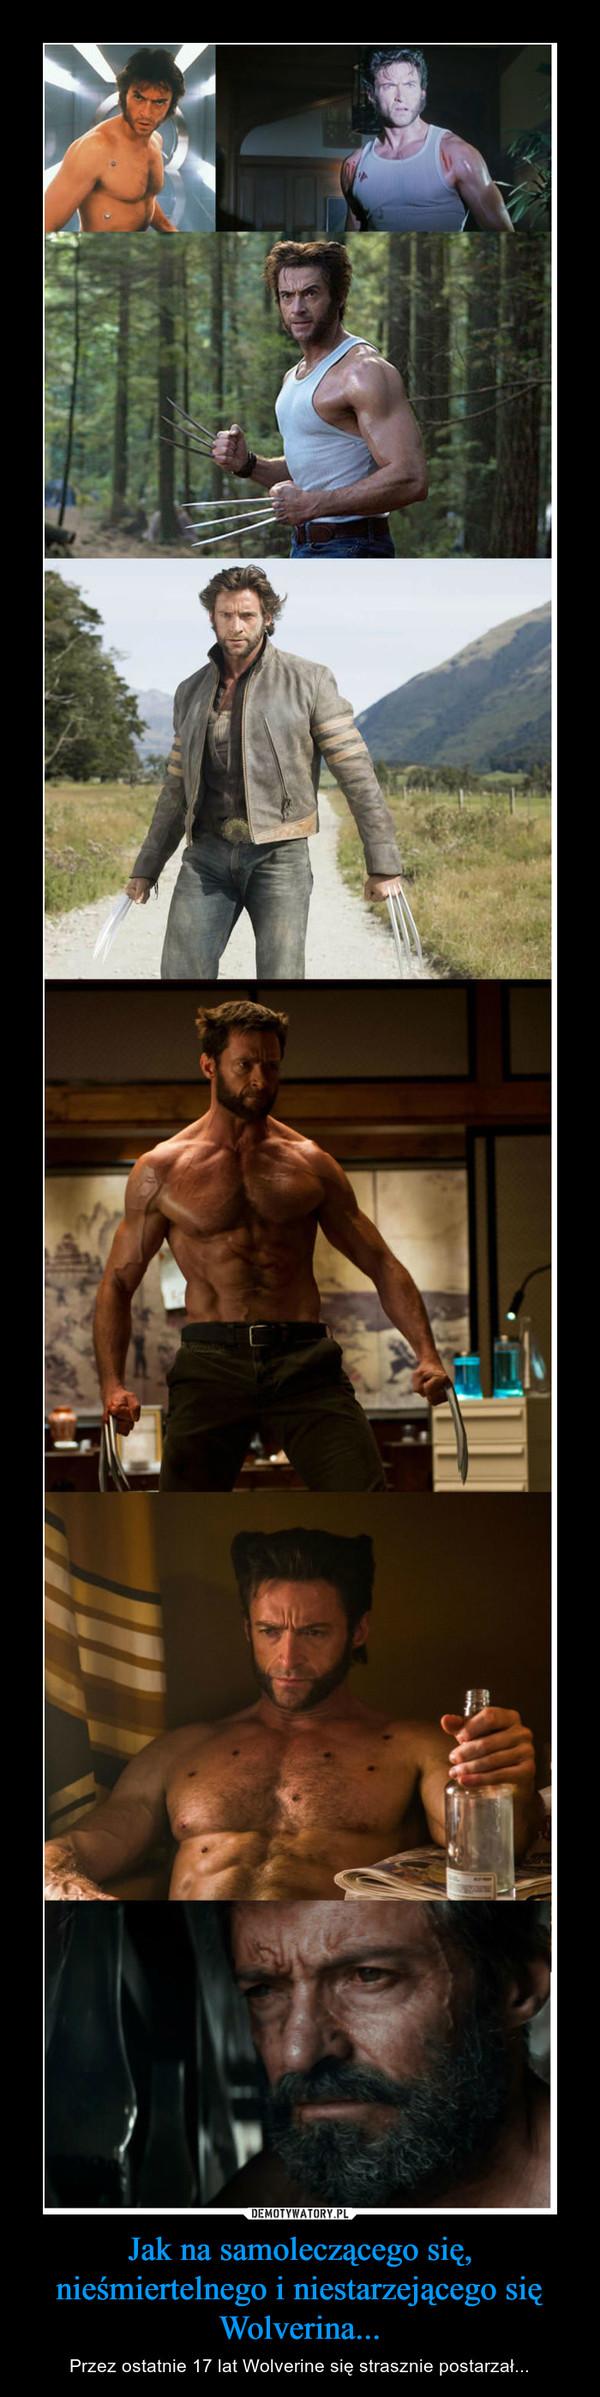 Jak na samoleczącego się, nieśmiertelnego i niestarzejącego się Wolverina... – Przez ostatnie 17 lat Wolverine się strasznie postarzał...